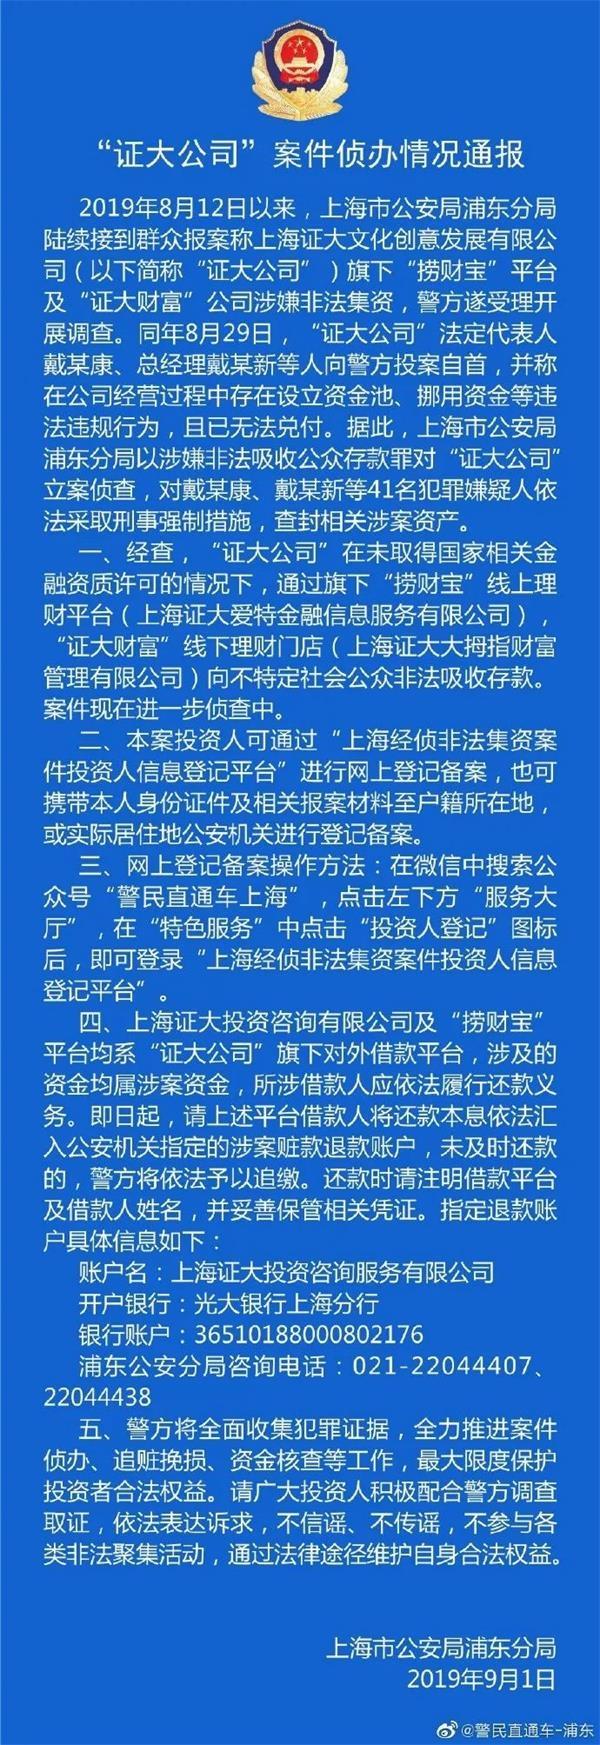 涉嫌非法吸收公众存款 上海滩百亿级大佬自首!3天前还承诺:不跑路、不失联